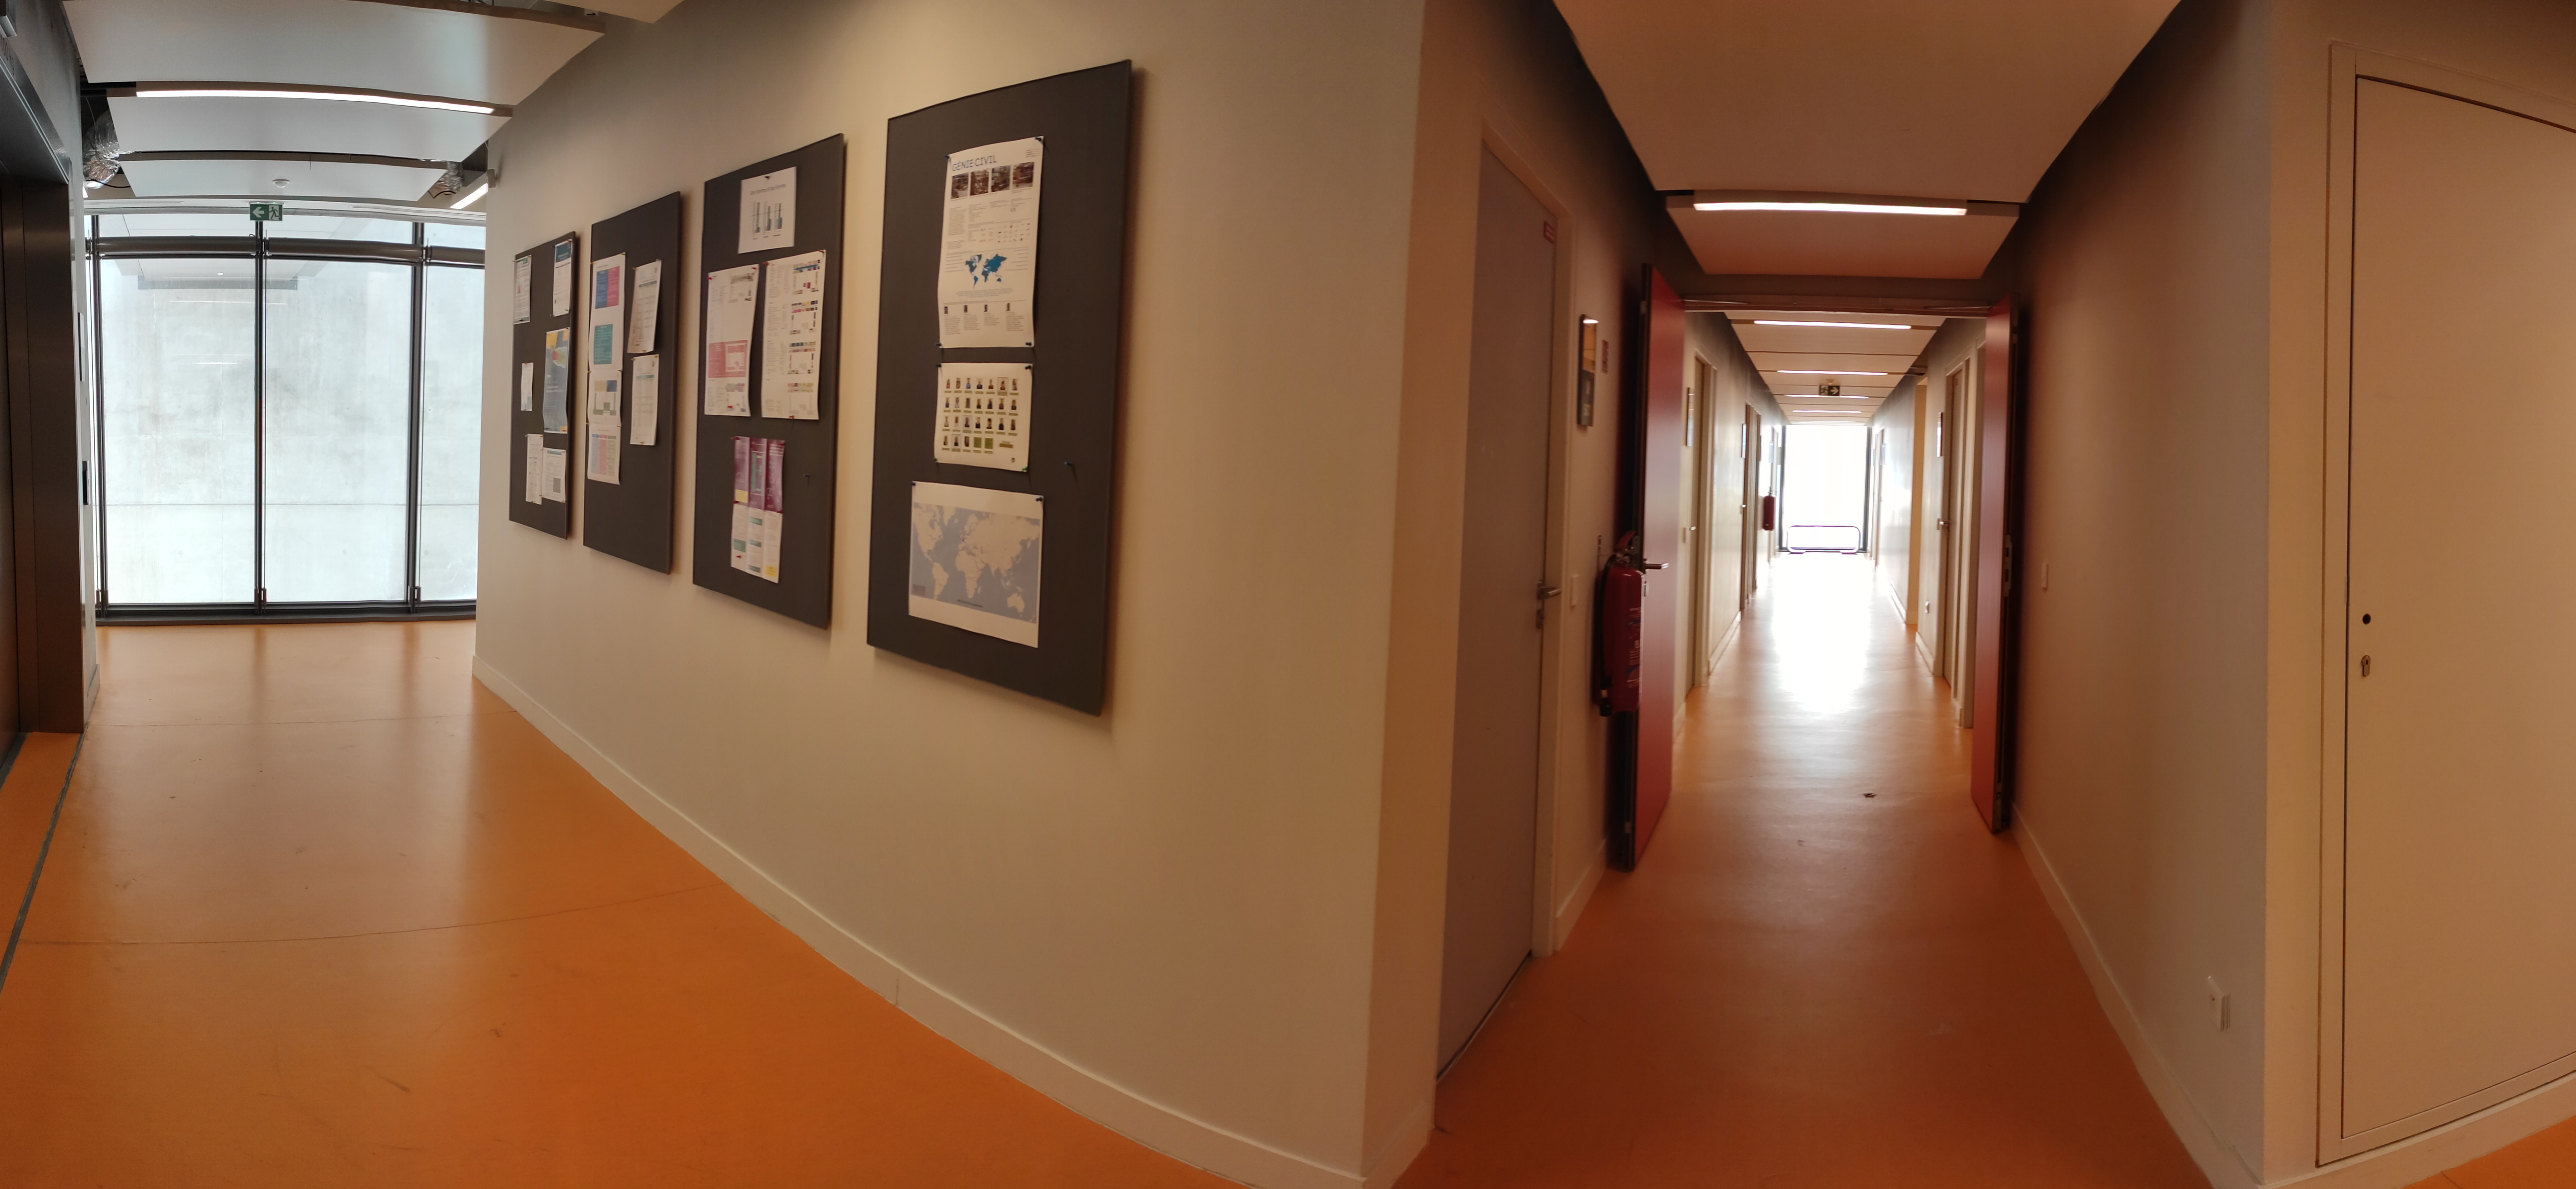 Les bureaux - niveau Mezzanine